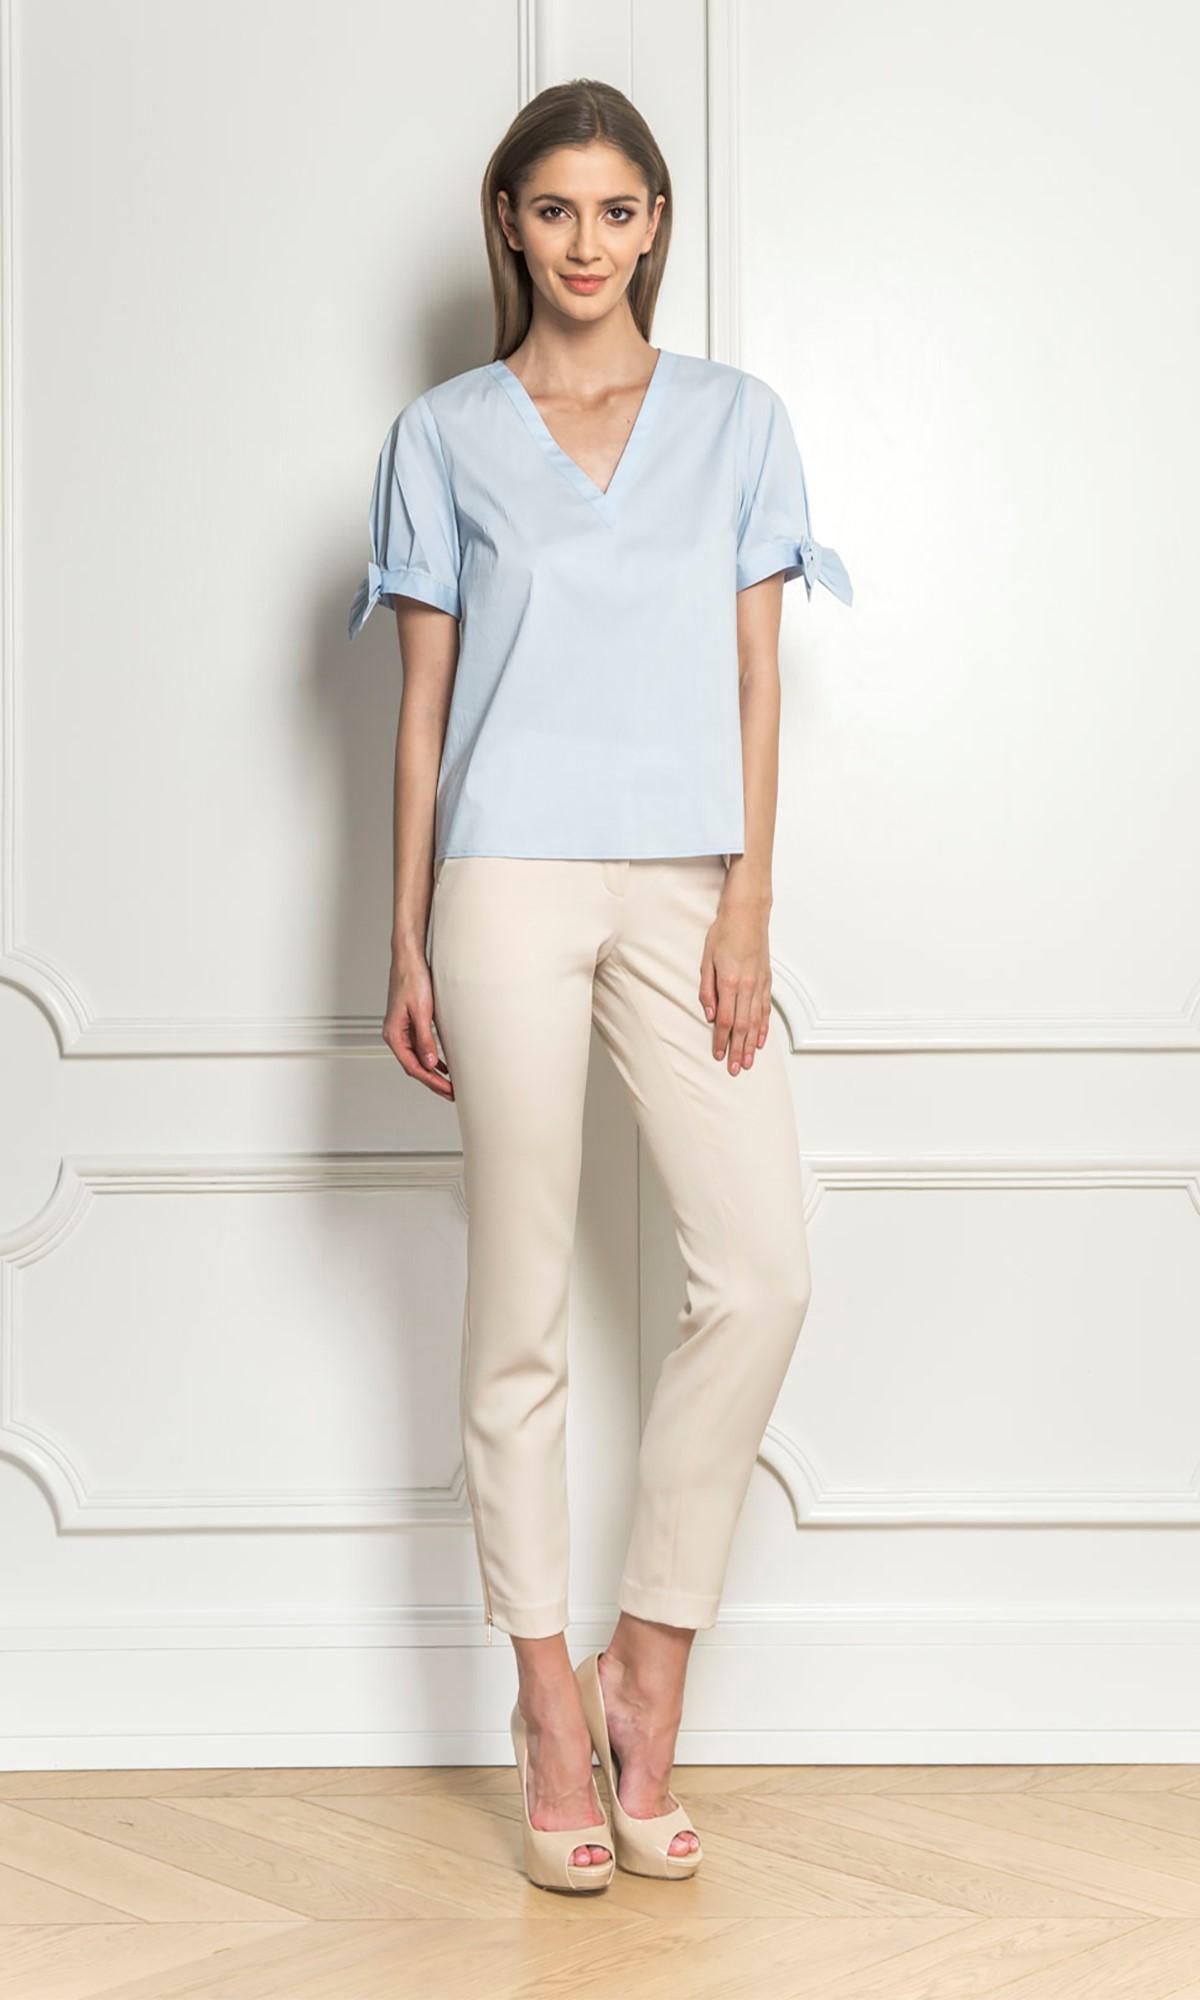 Bluzka koszulowa z kokardami, w kolorze niebieskim